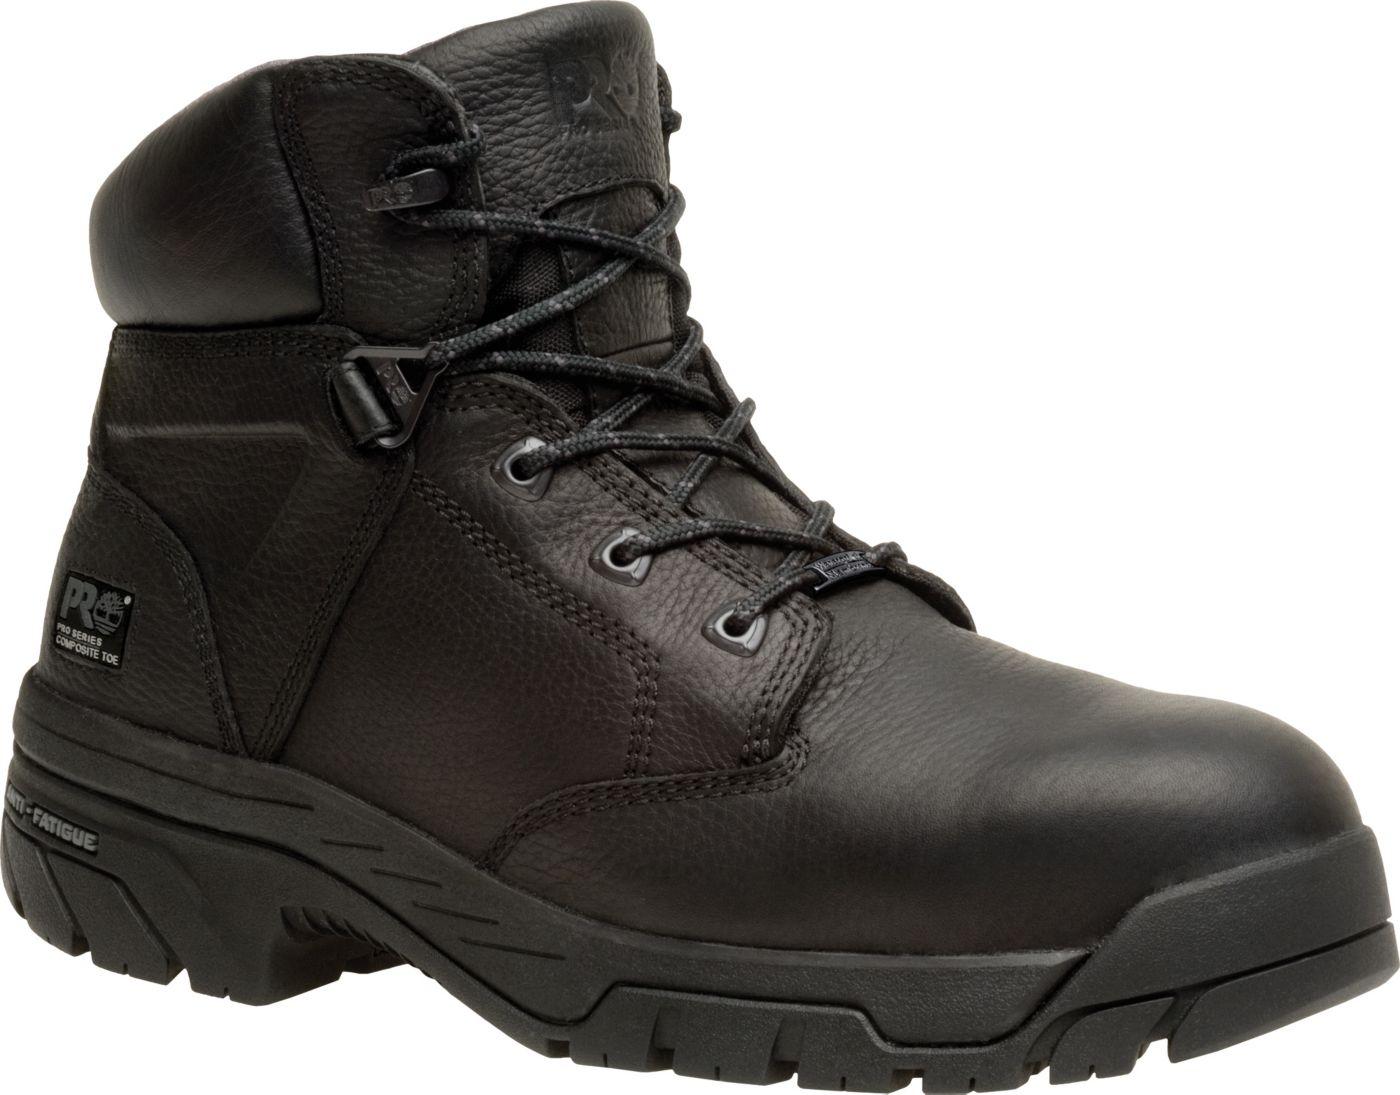 Timberland PRO Men's Helix 6'' Waterproof Composite Toe Work Boots